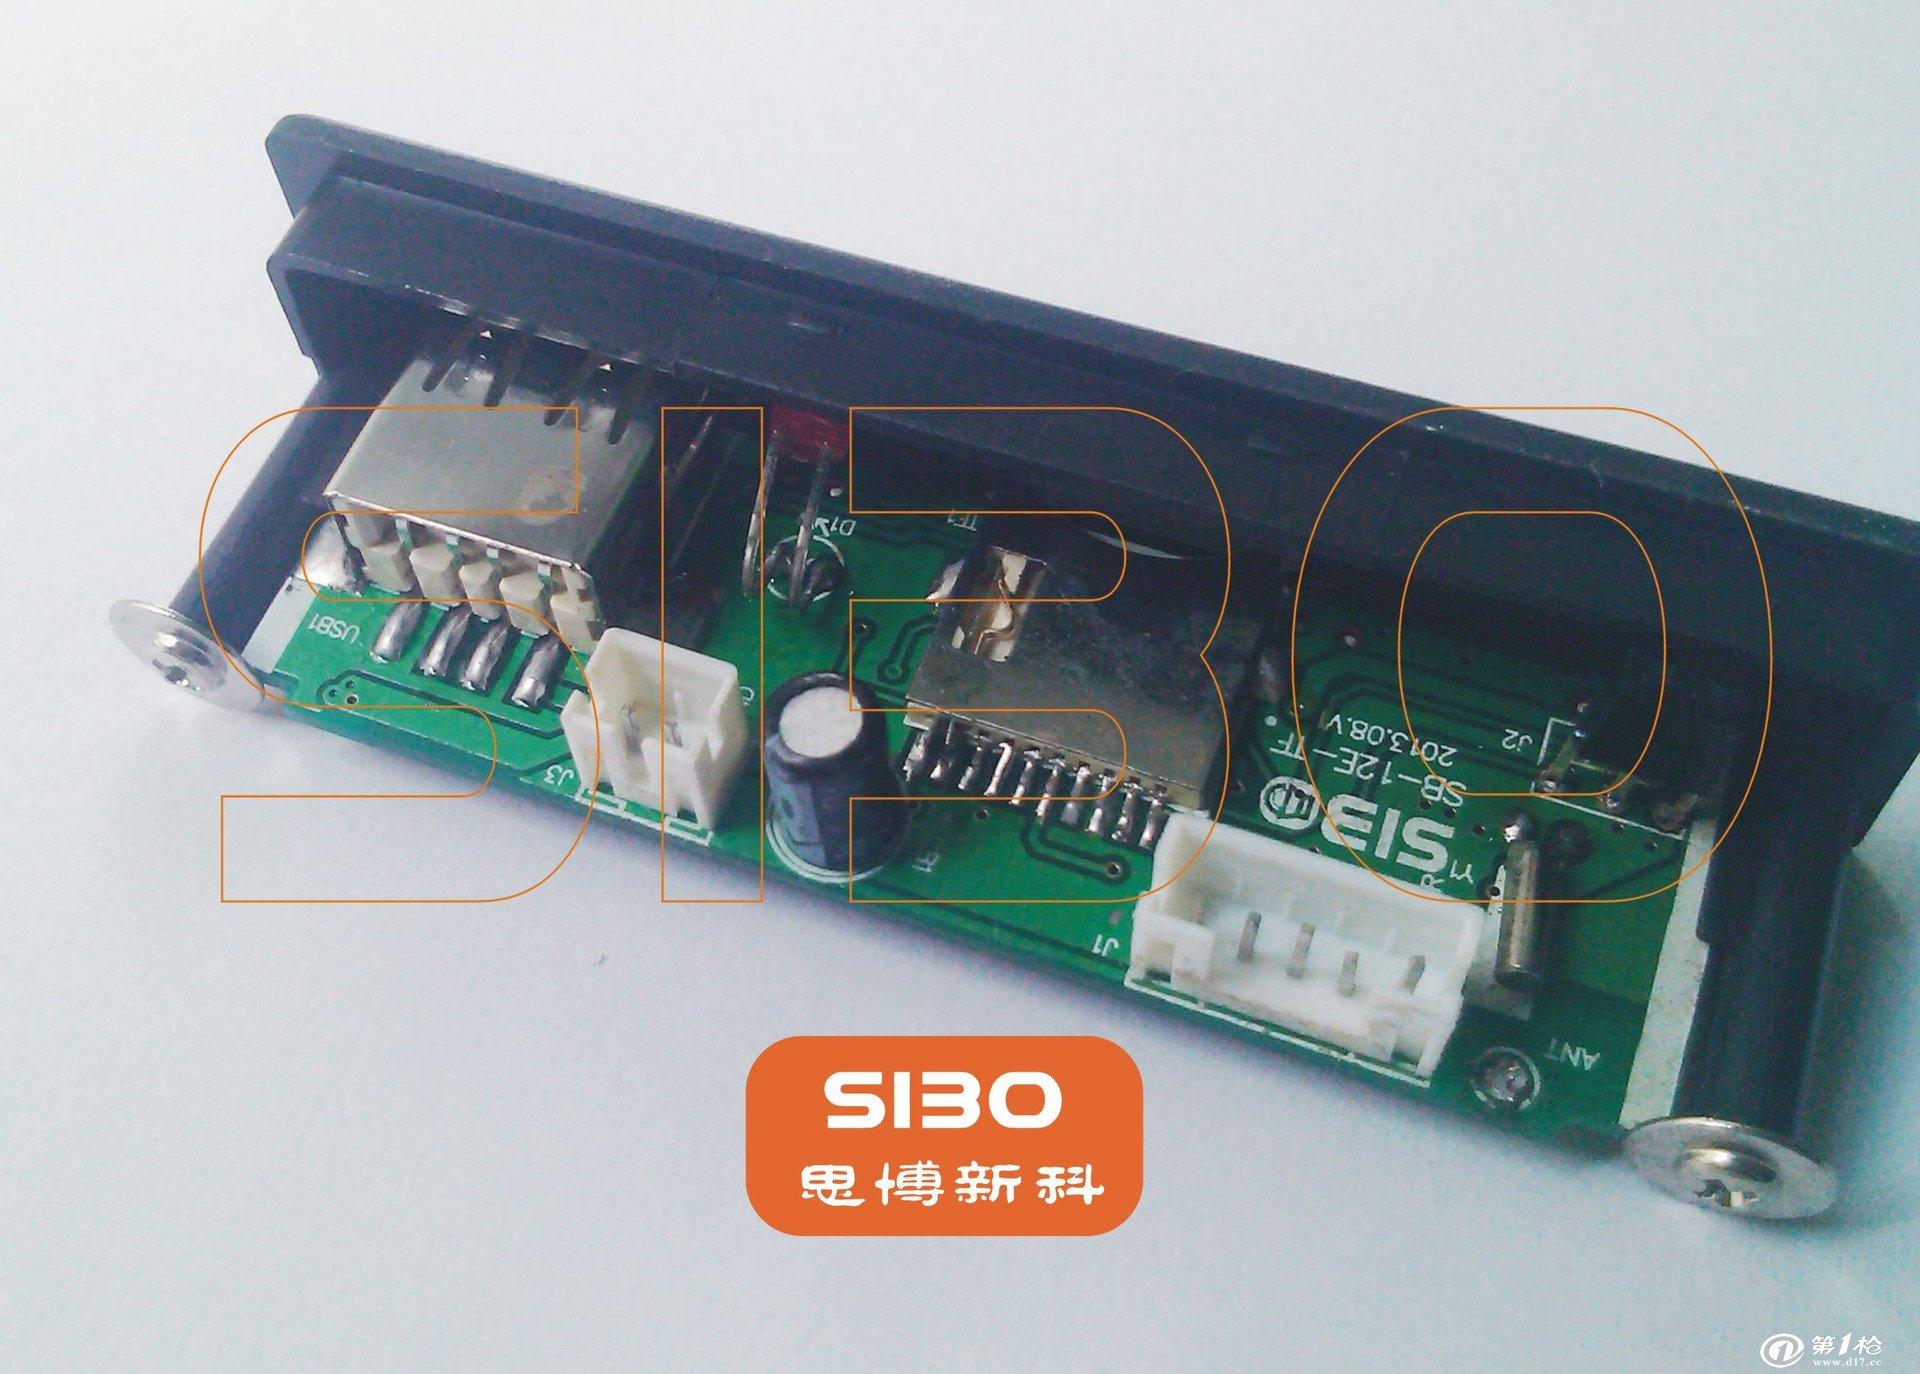 tf-818音响电路板接线图解